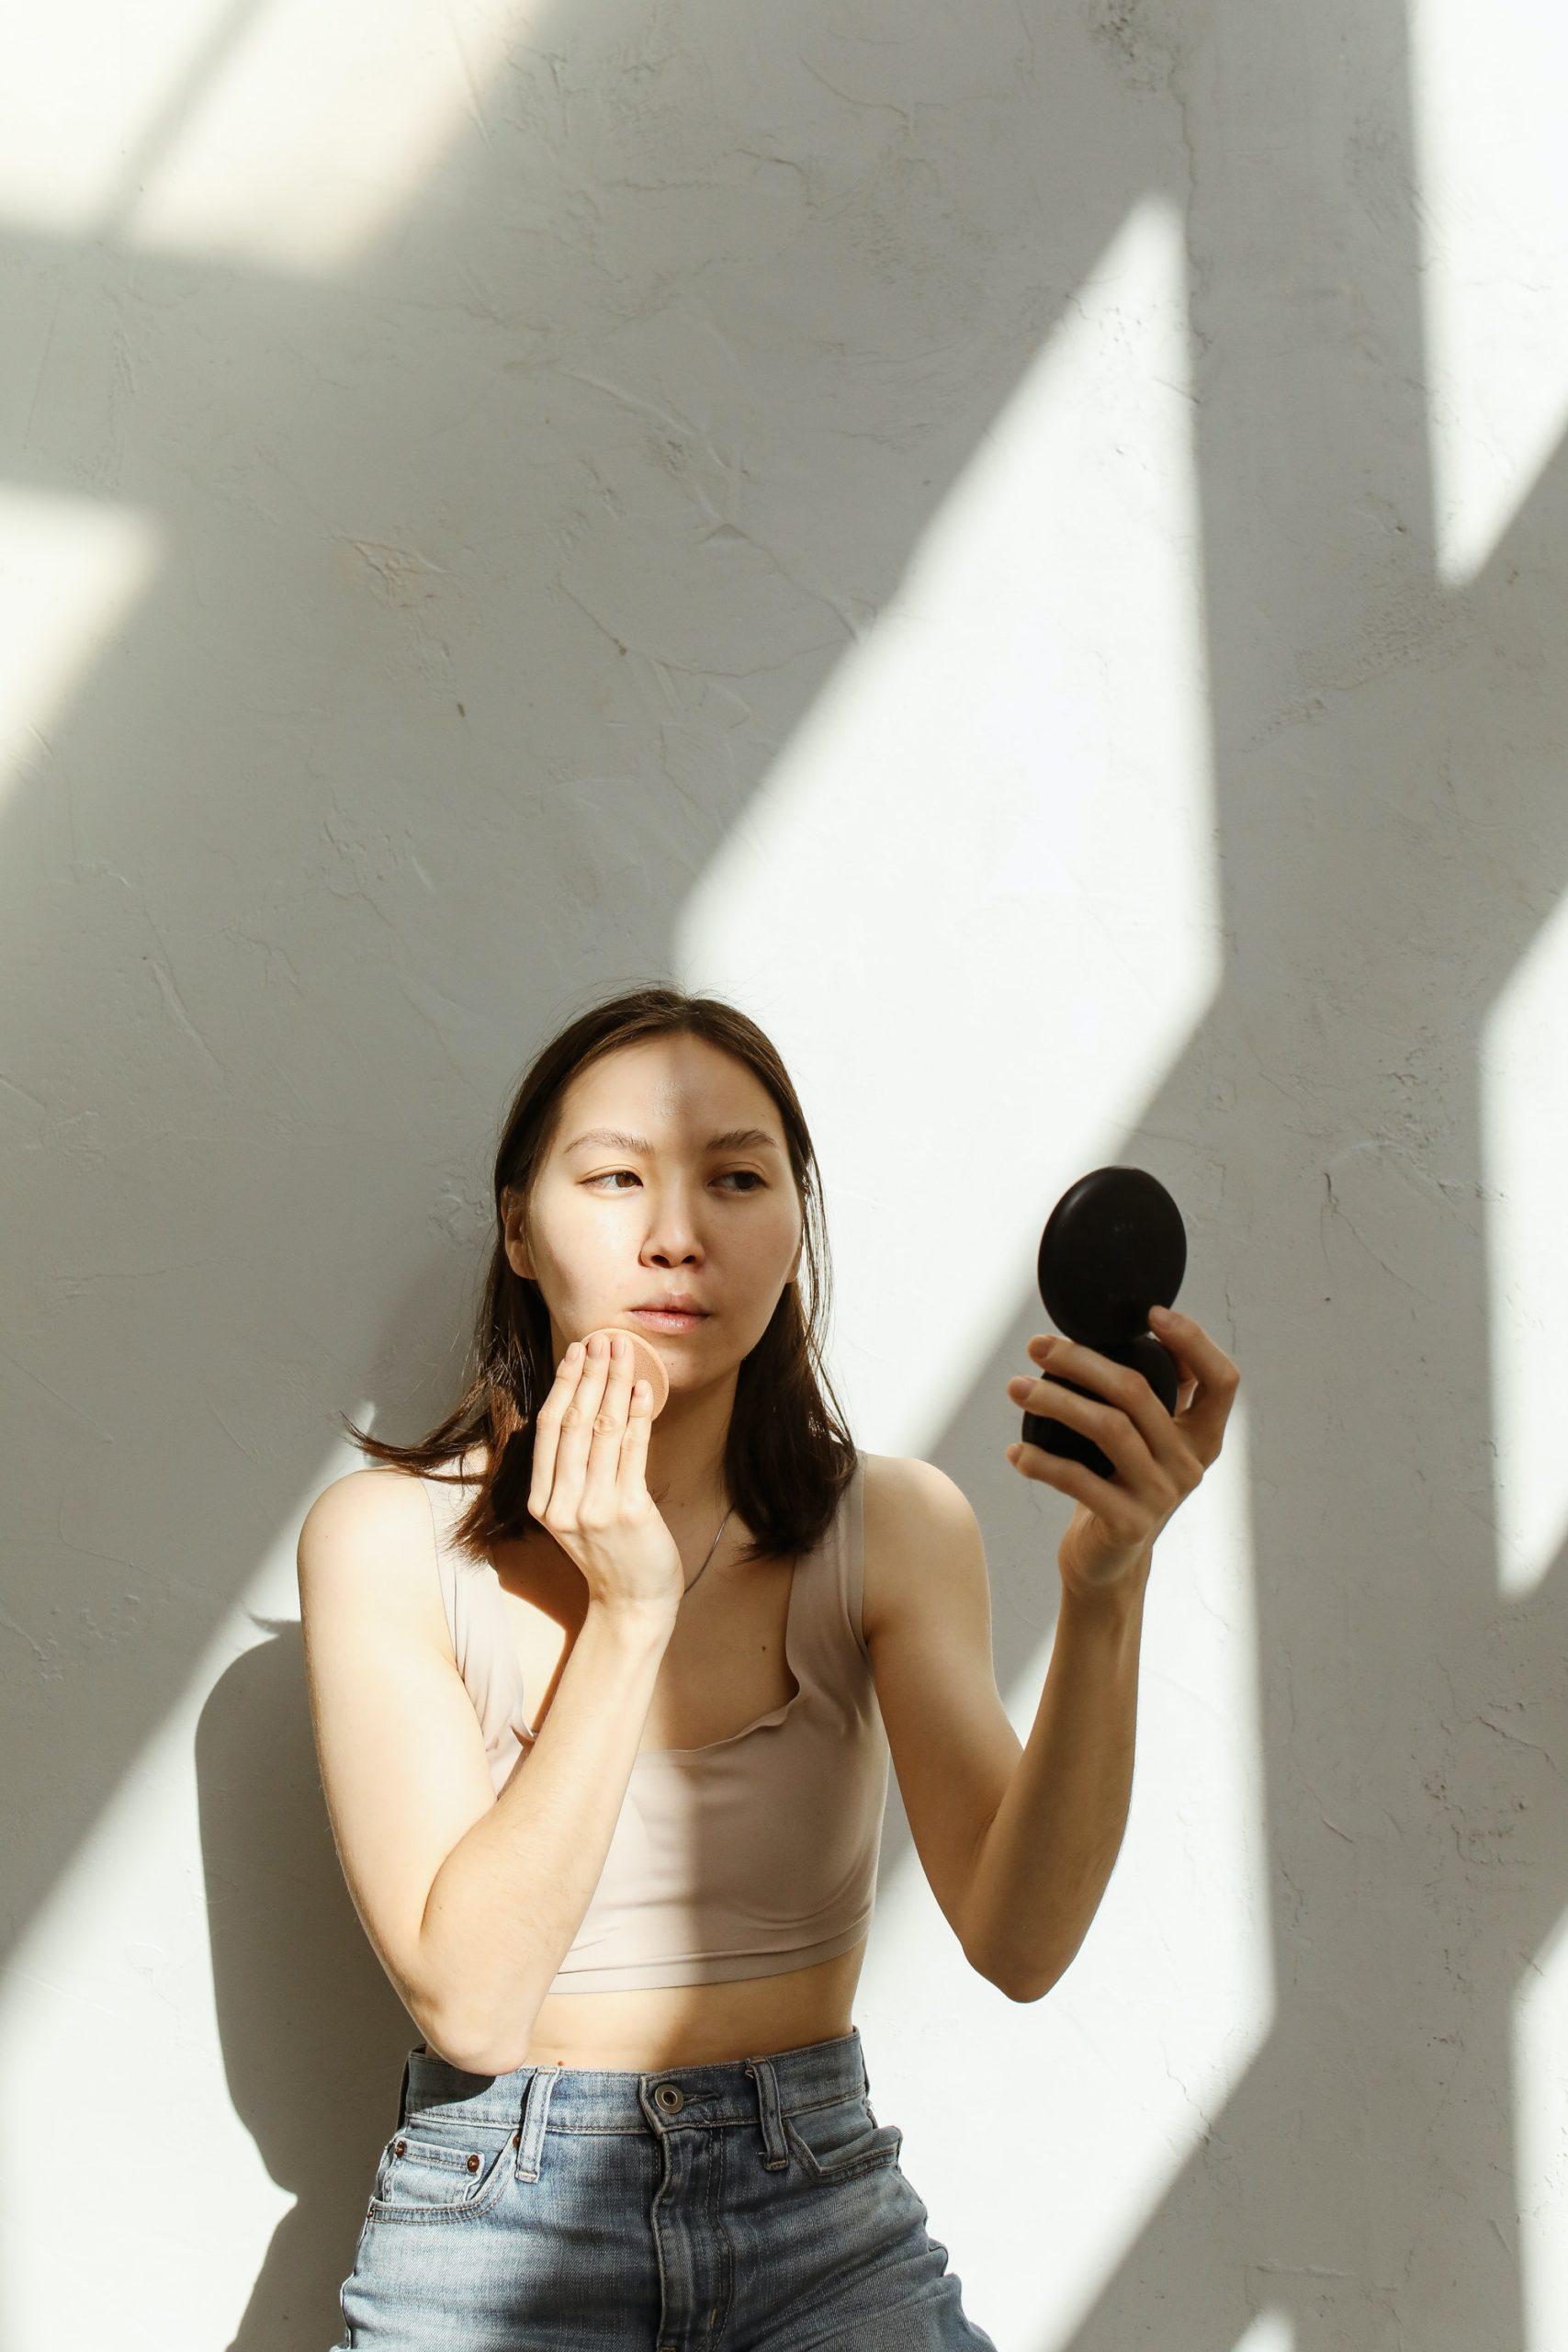 a woman applying makeup